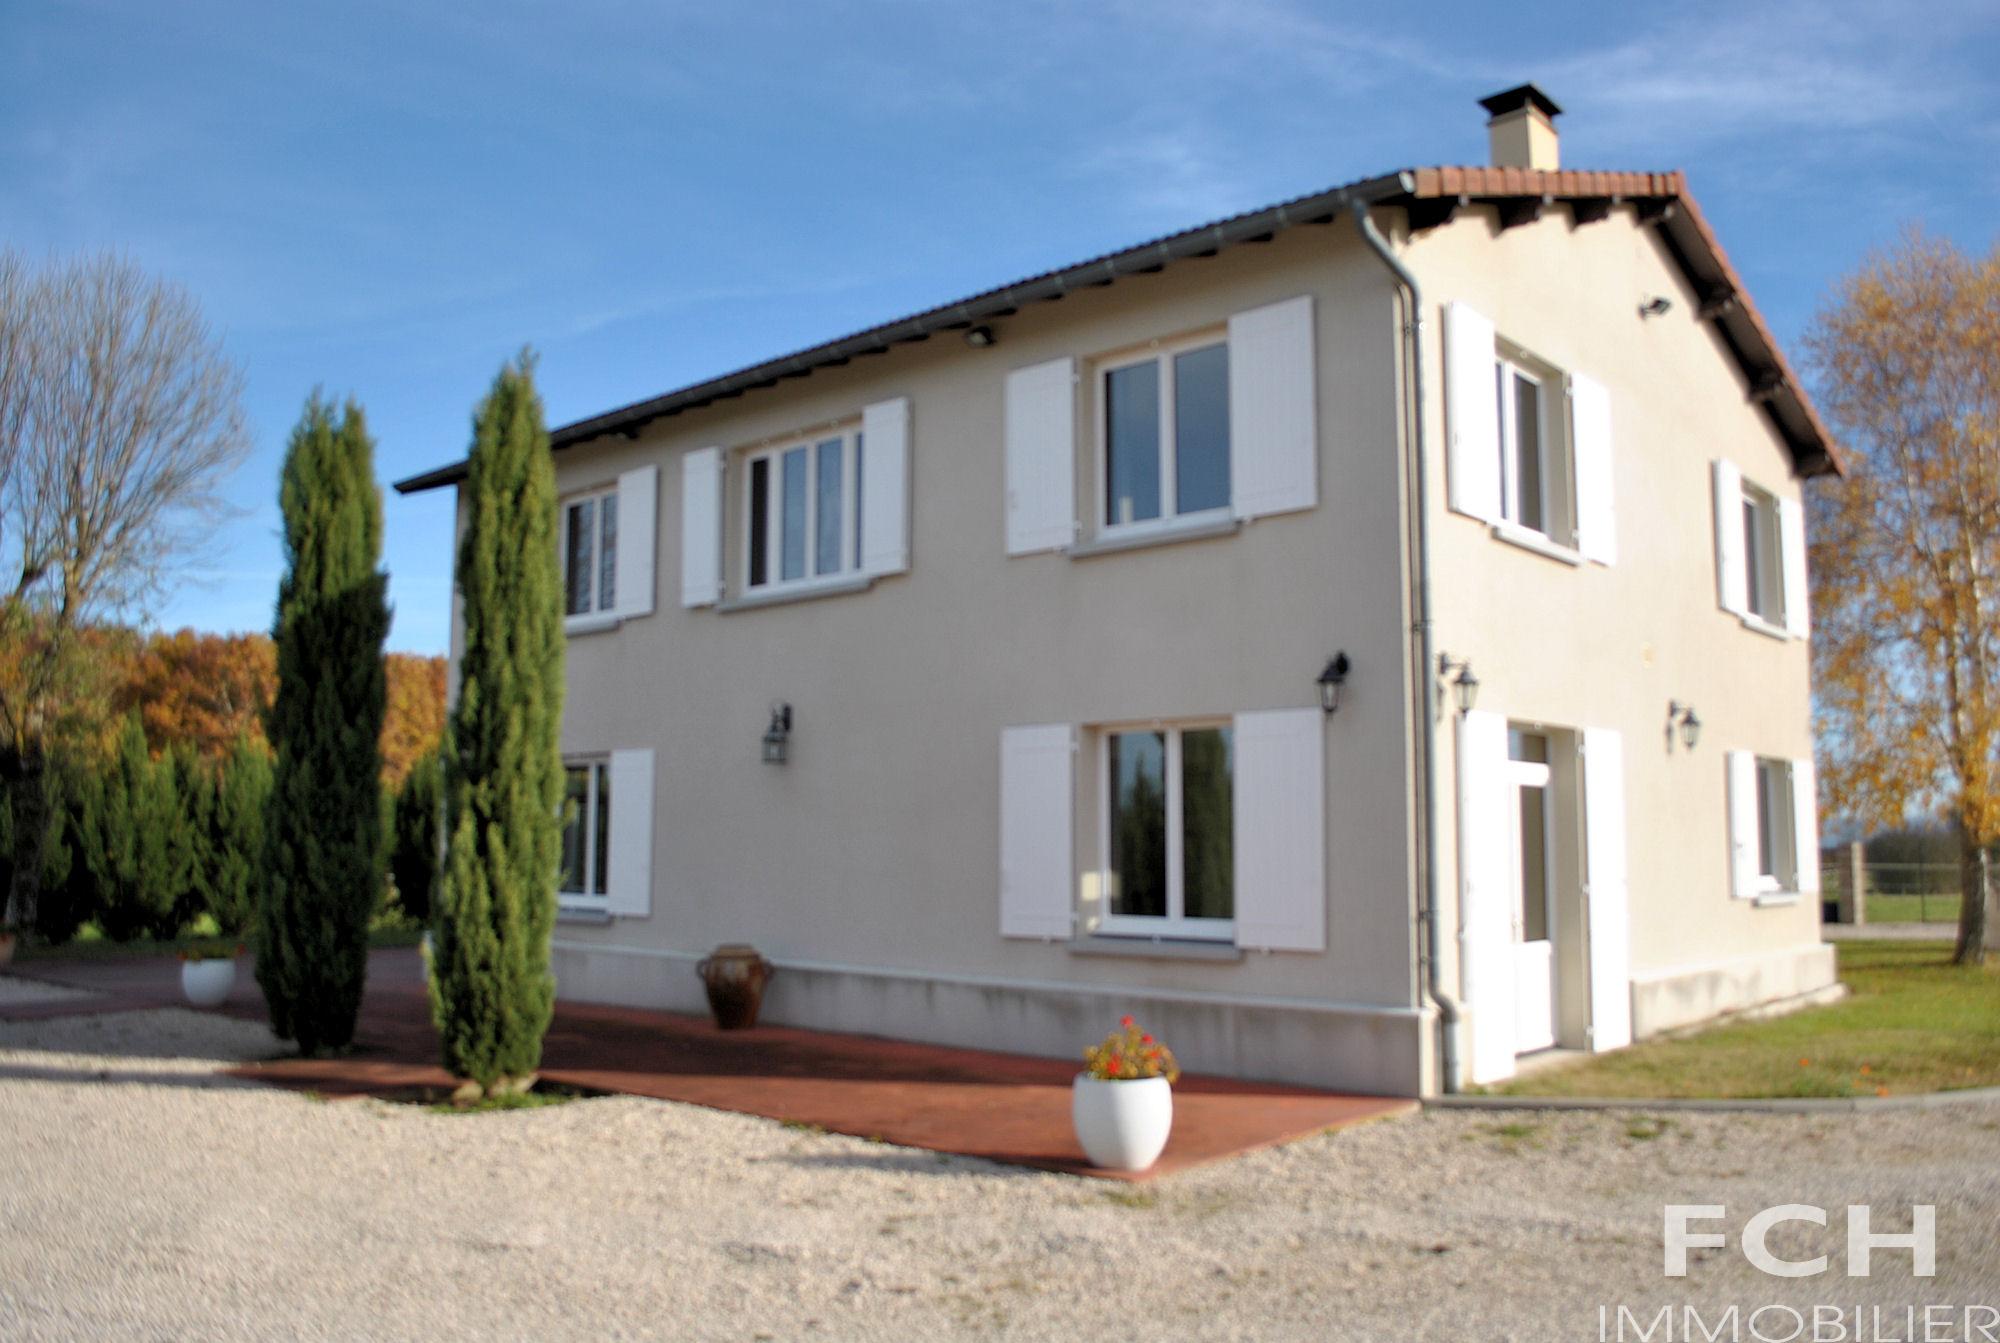 Offres de vente Maison/Villa Puy-Guillaume (63290)